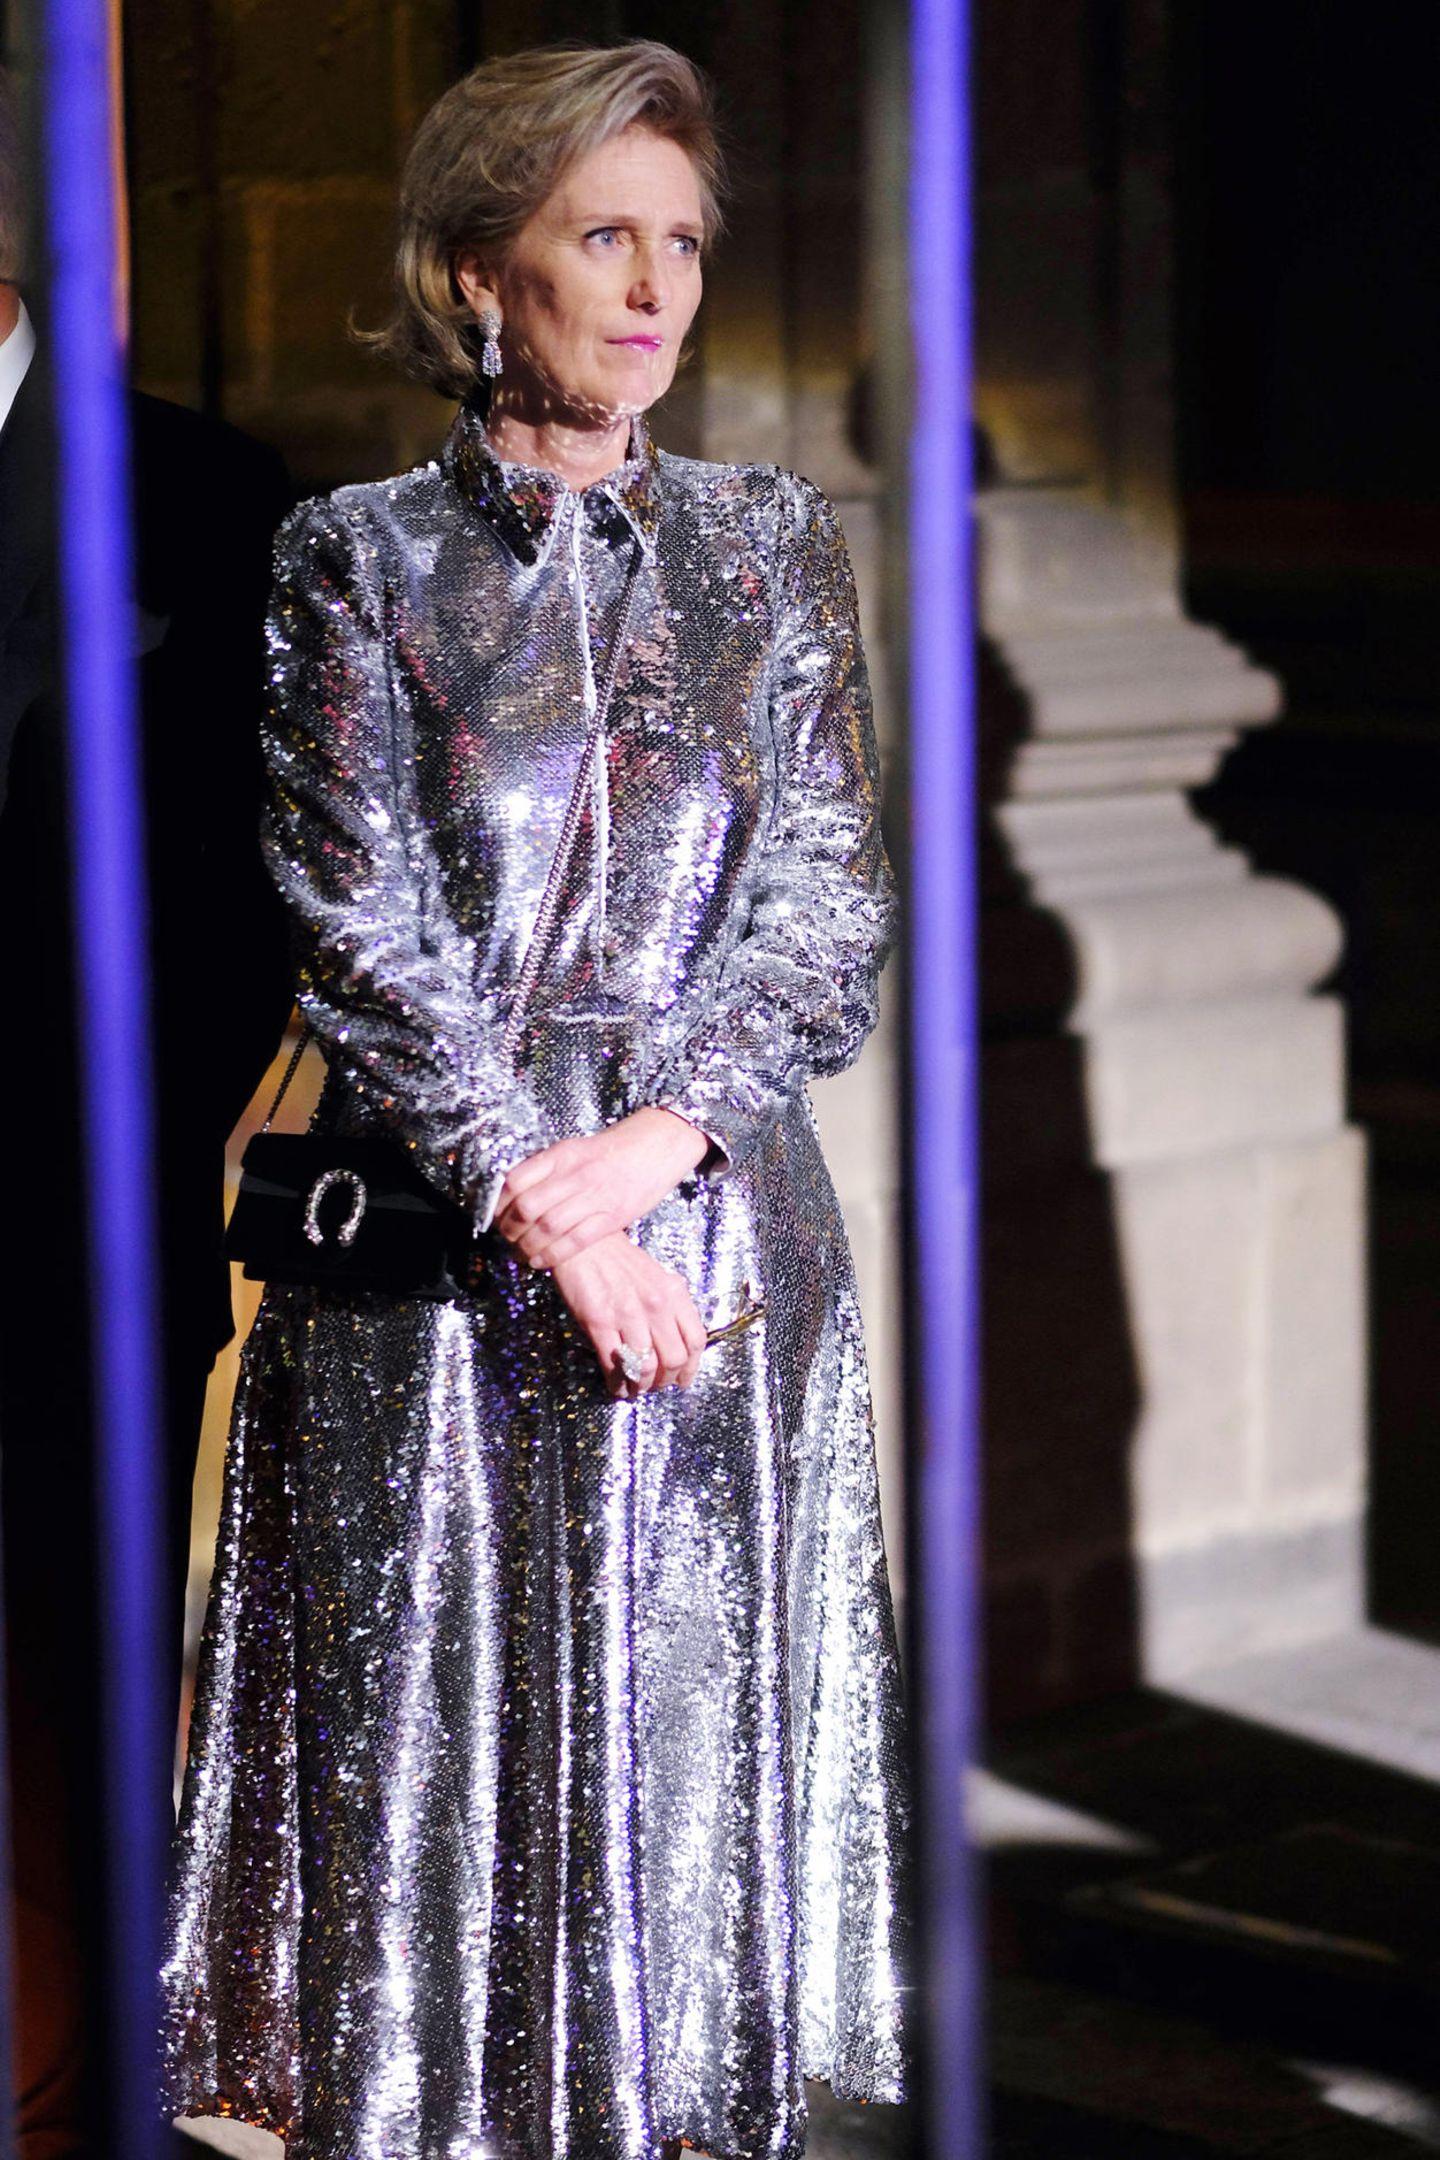 Im Rahmen ihrer Mexiko-Reise funkelt Prinzessin Astrid von Belgien in diesem Pailletten-Kleid wie eine Discokugel. Für royale Verhältnisse ist diese Kleiderwahl überraschend extravagant. Ein Look, der Herzogin Meghan oder Königin Máxima aber ohne Frage ebenfalls gut stehen würden, finden Sie nicht?